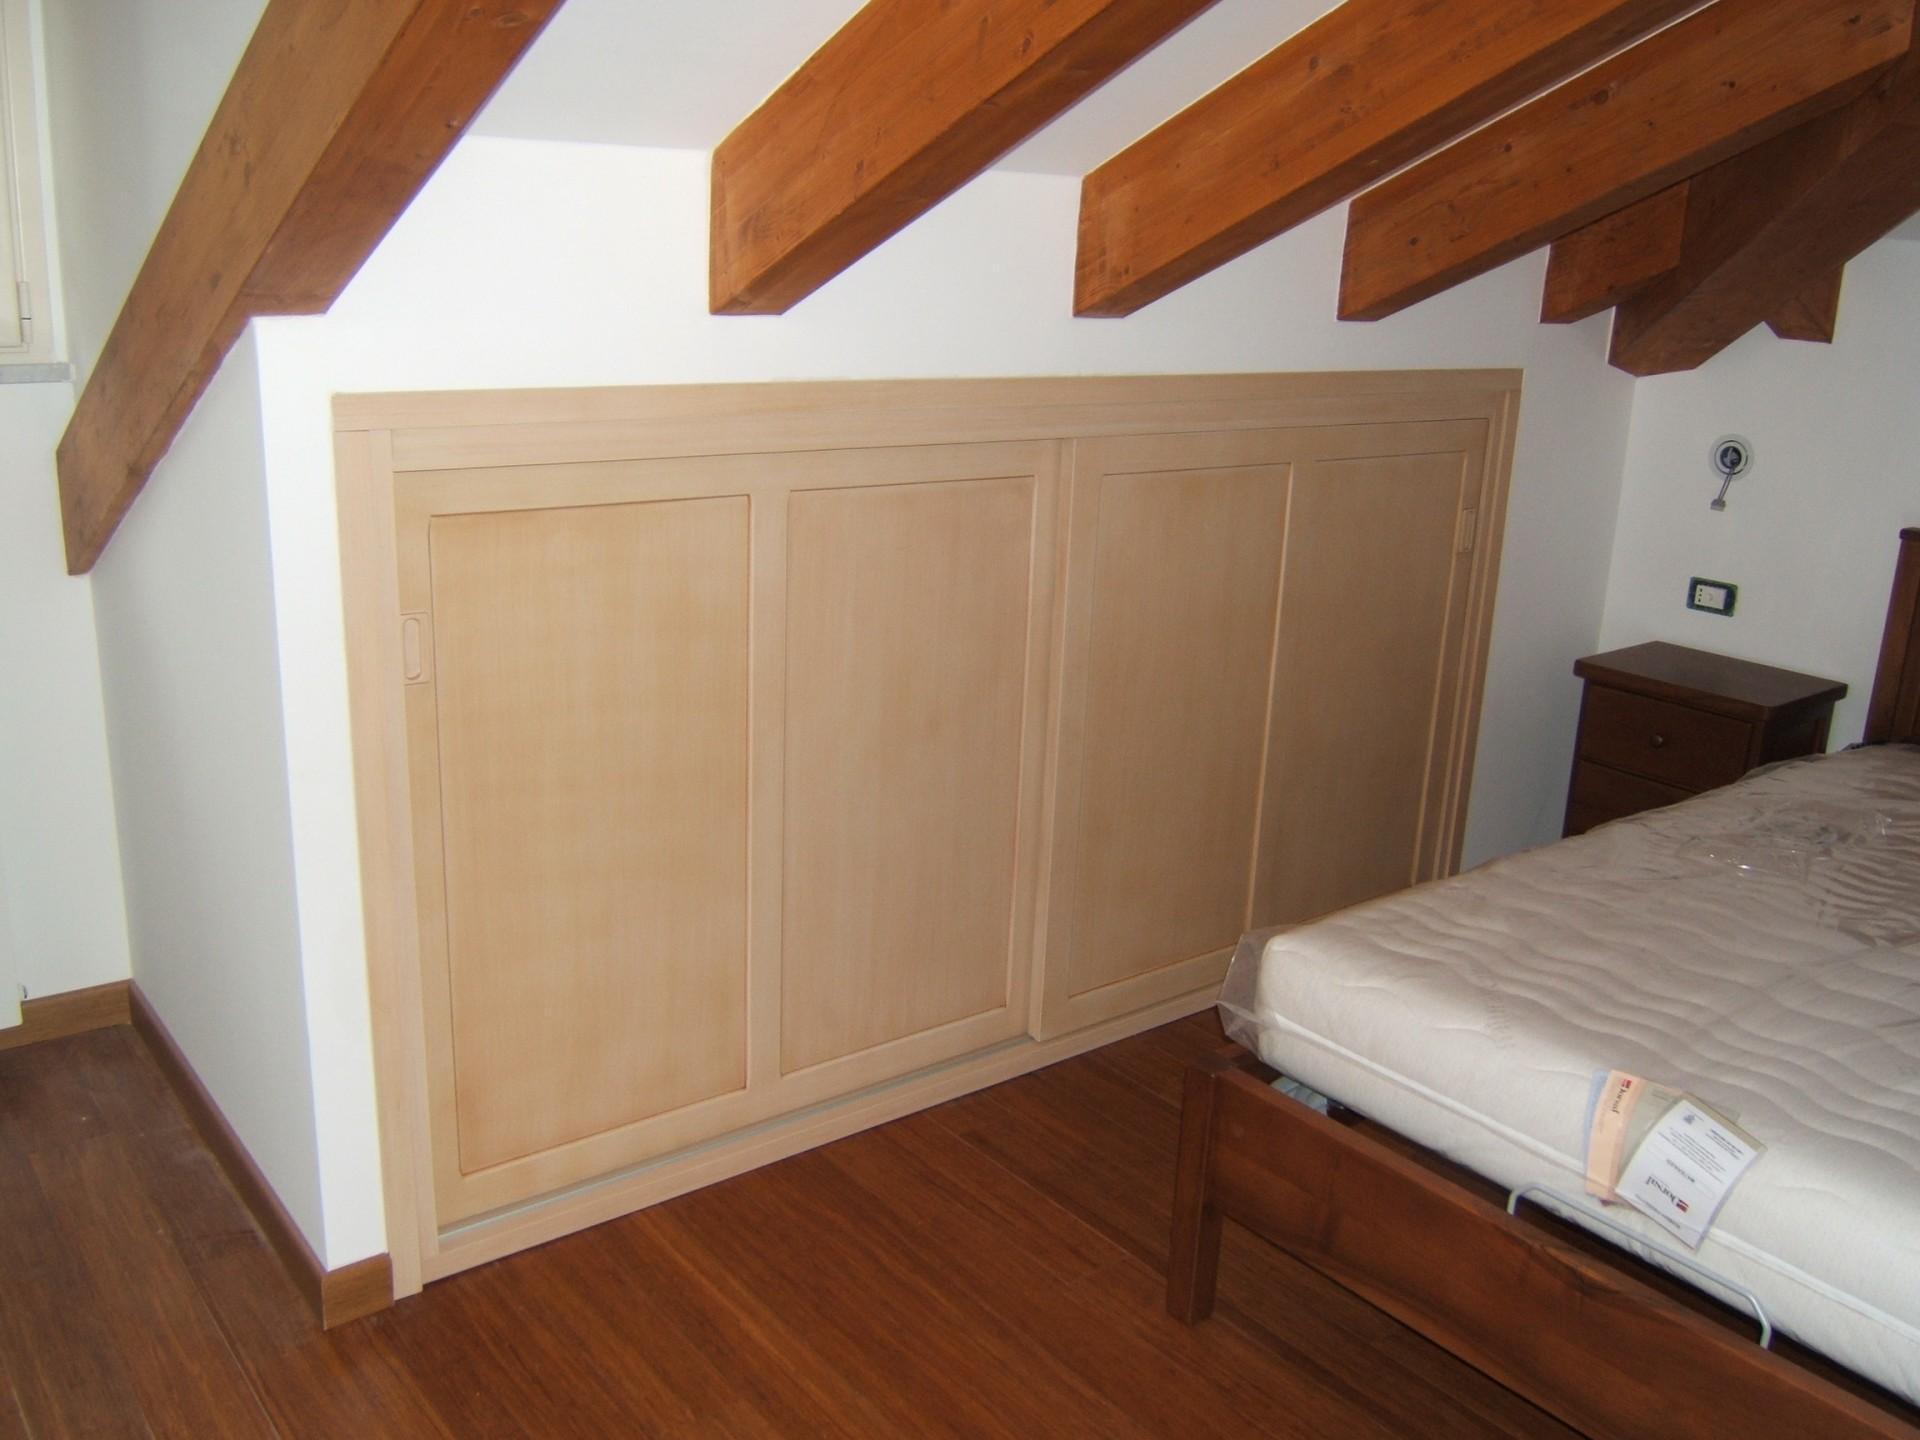 Progettazione arredamenti su misura fadini mobili cerea - Mobili di legno ...